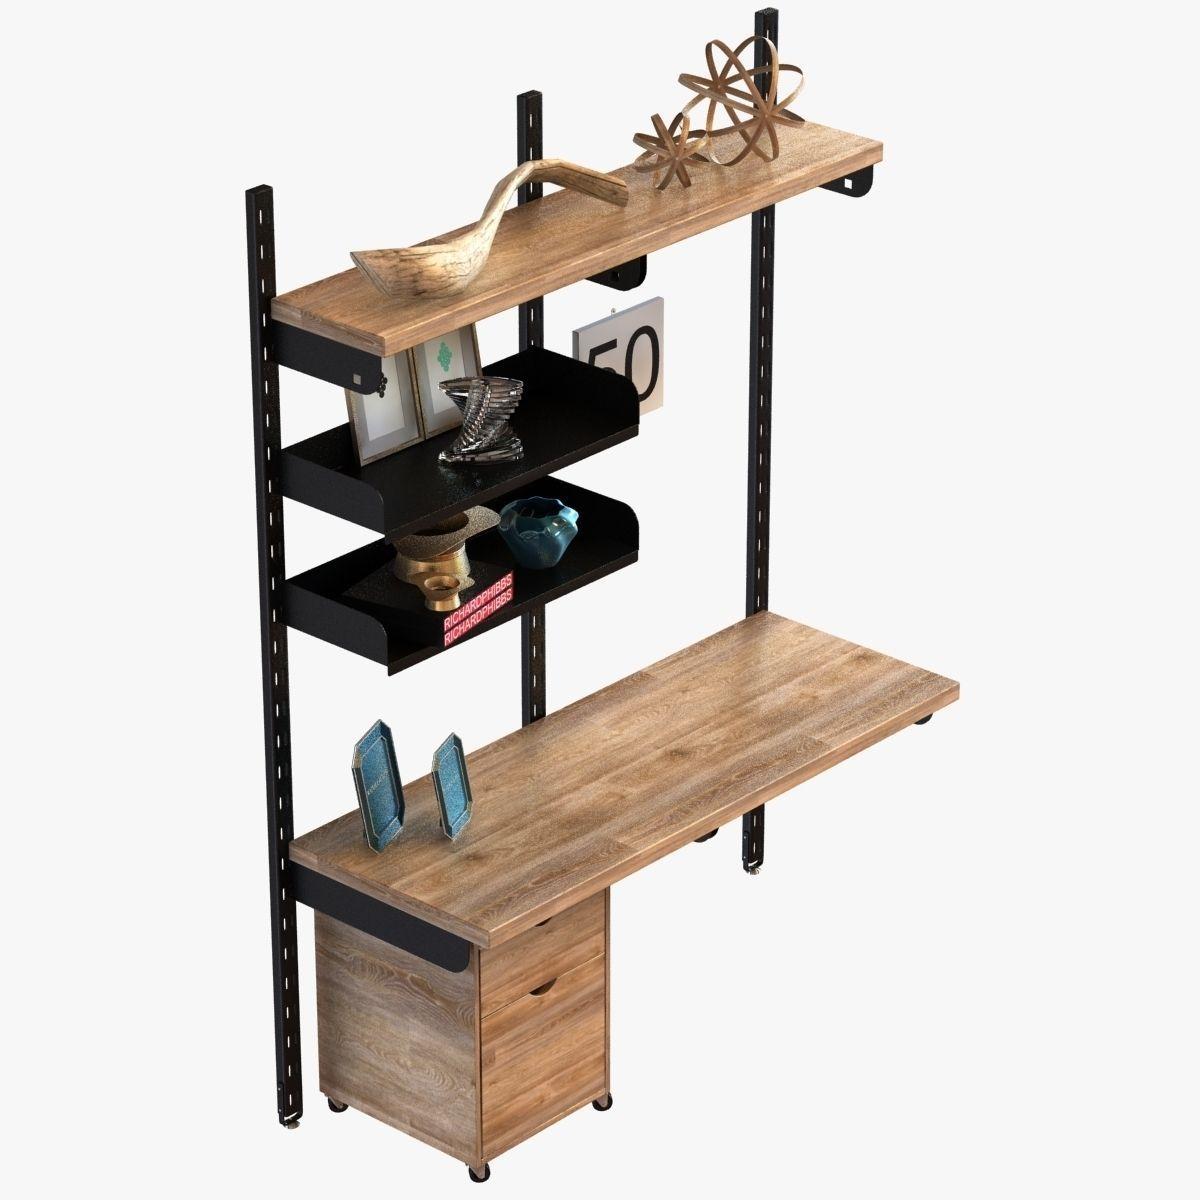 Design workshop modular wall storage system 3d model max for Chair design workshop